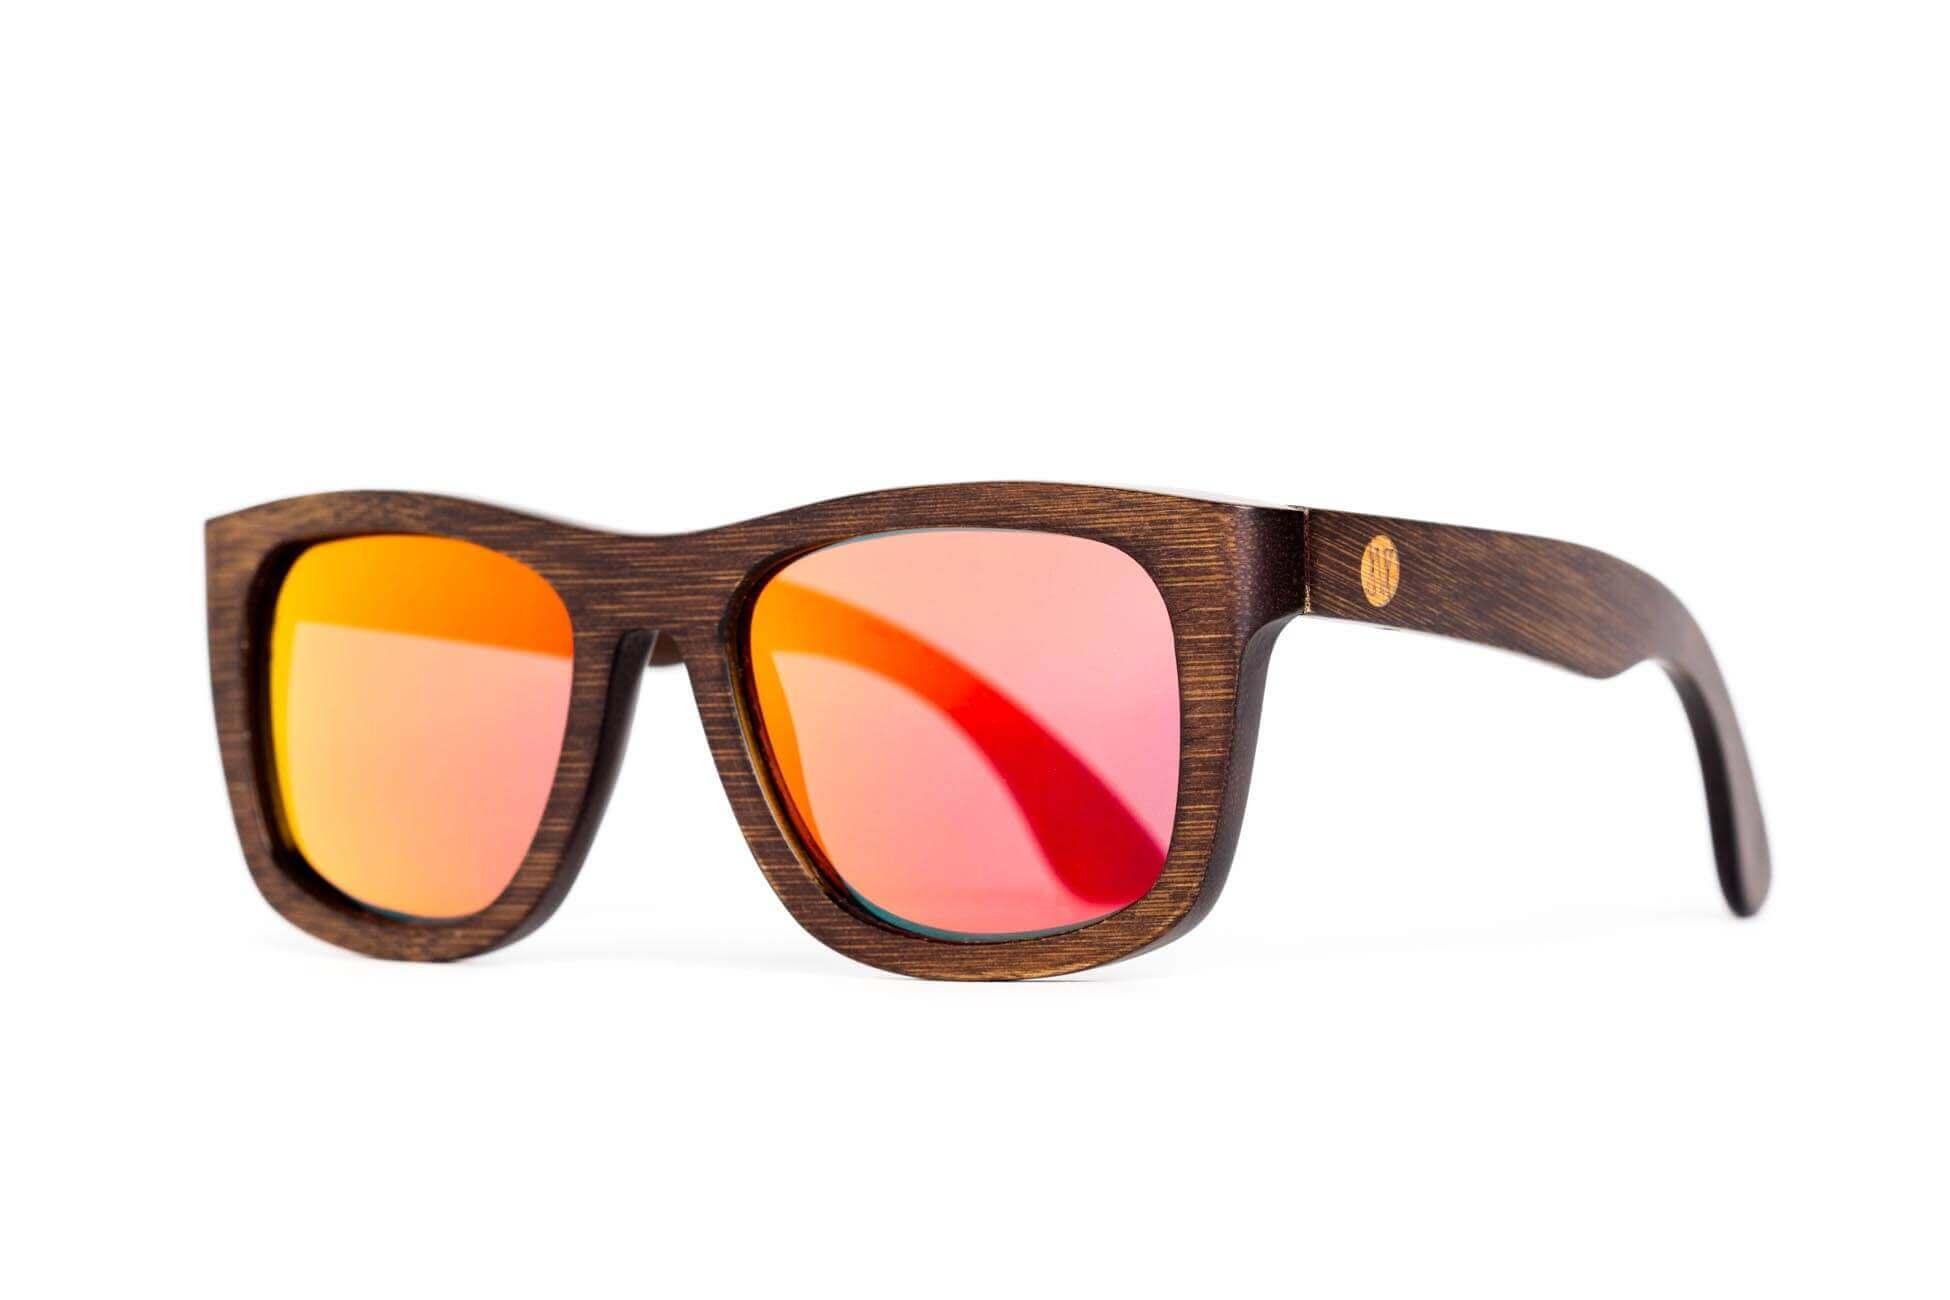 Produkfotografie - Brillen - Sonnenbrillen - Produktfotograf aus Klagenfurt, Kärnten, Österreich (2)